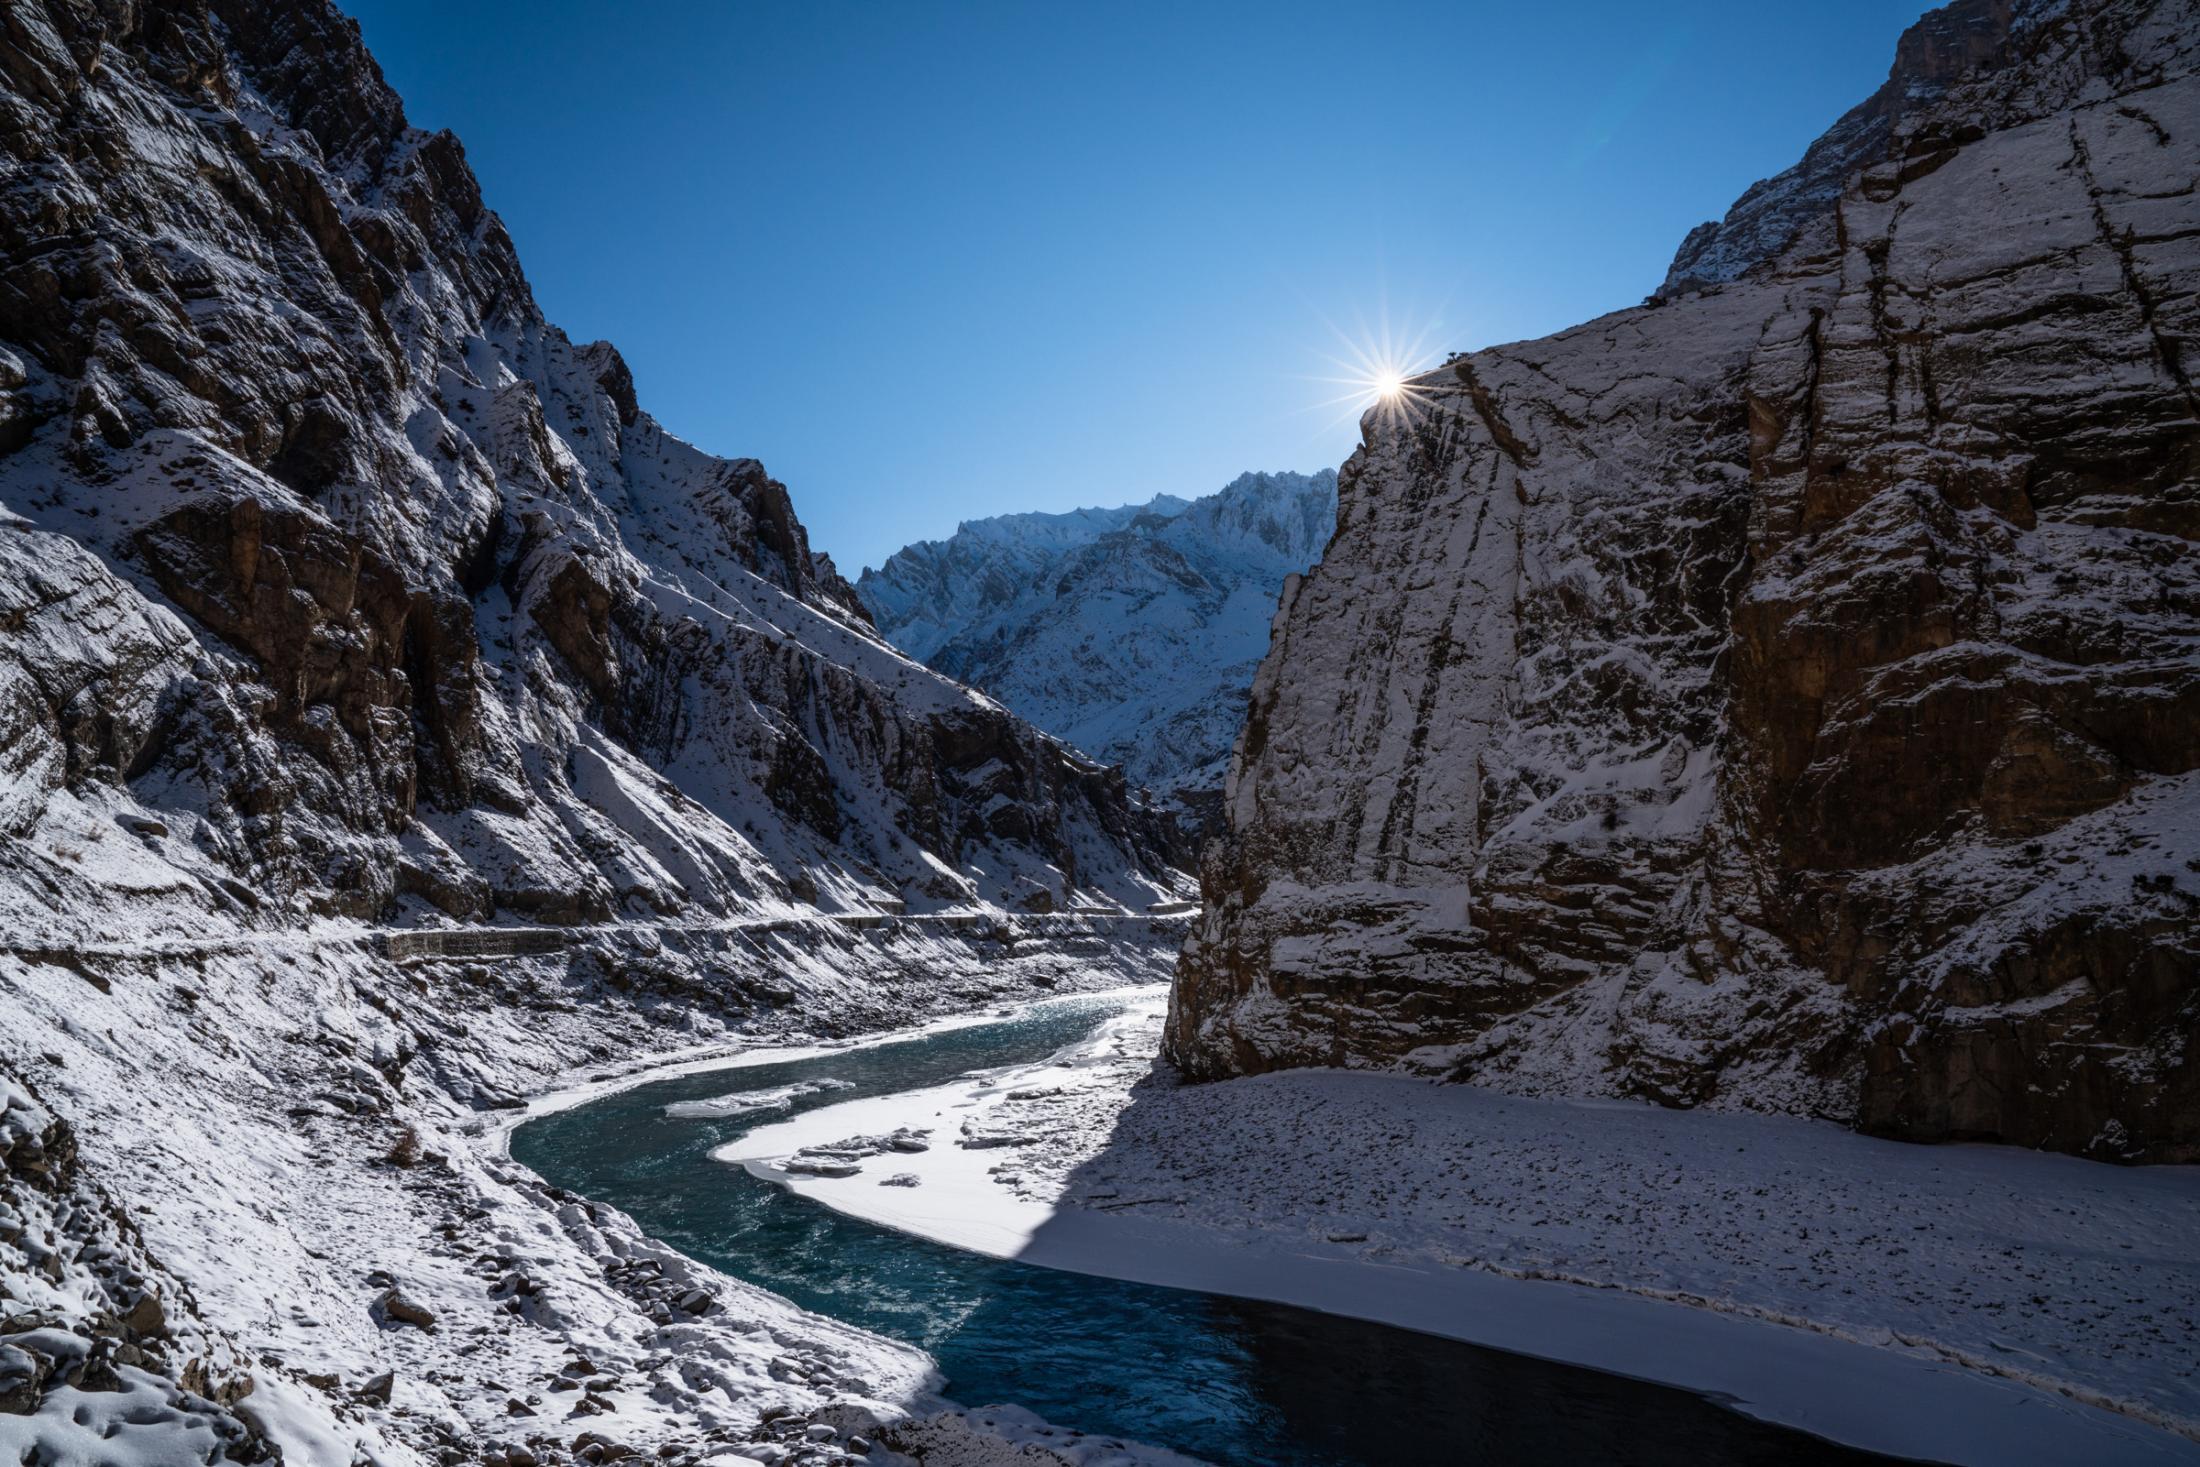 The beginnings of the long-awaited Winter road from Zanskar to Leh.